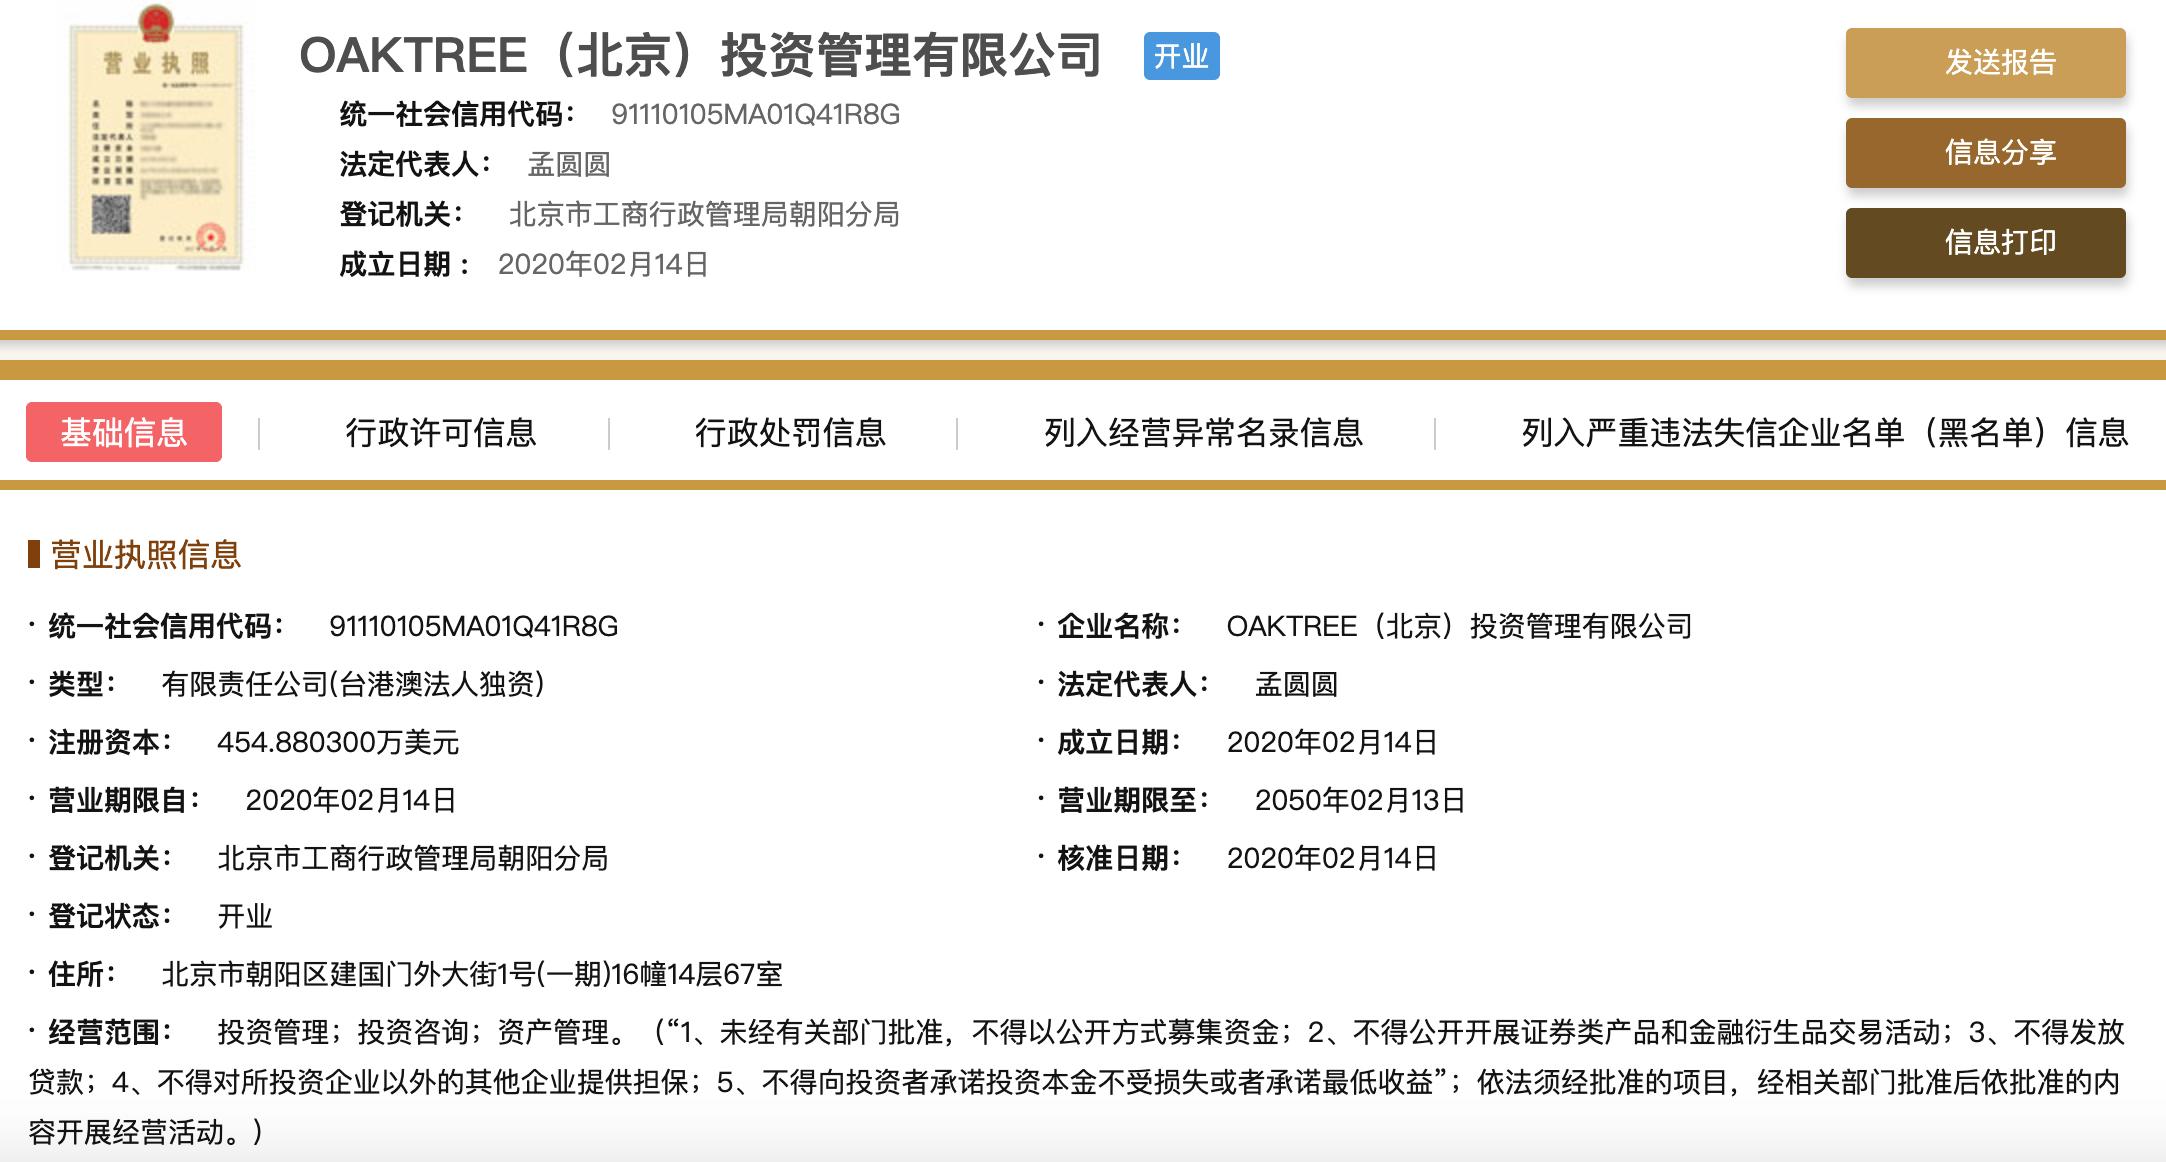 首家外资AMC落户北京 橡树资本在北京注册成立子公司